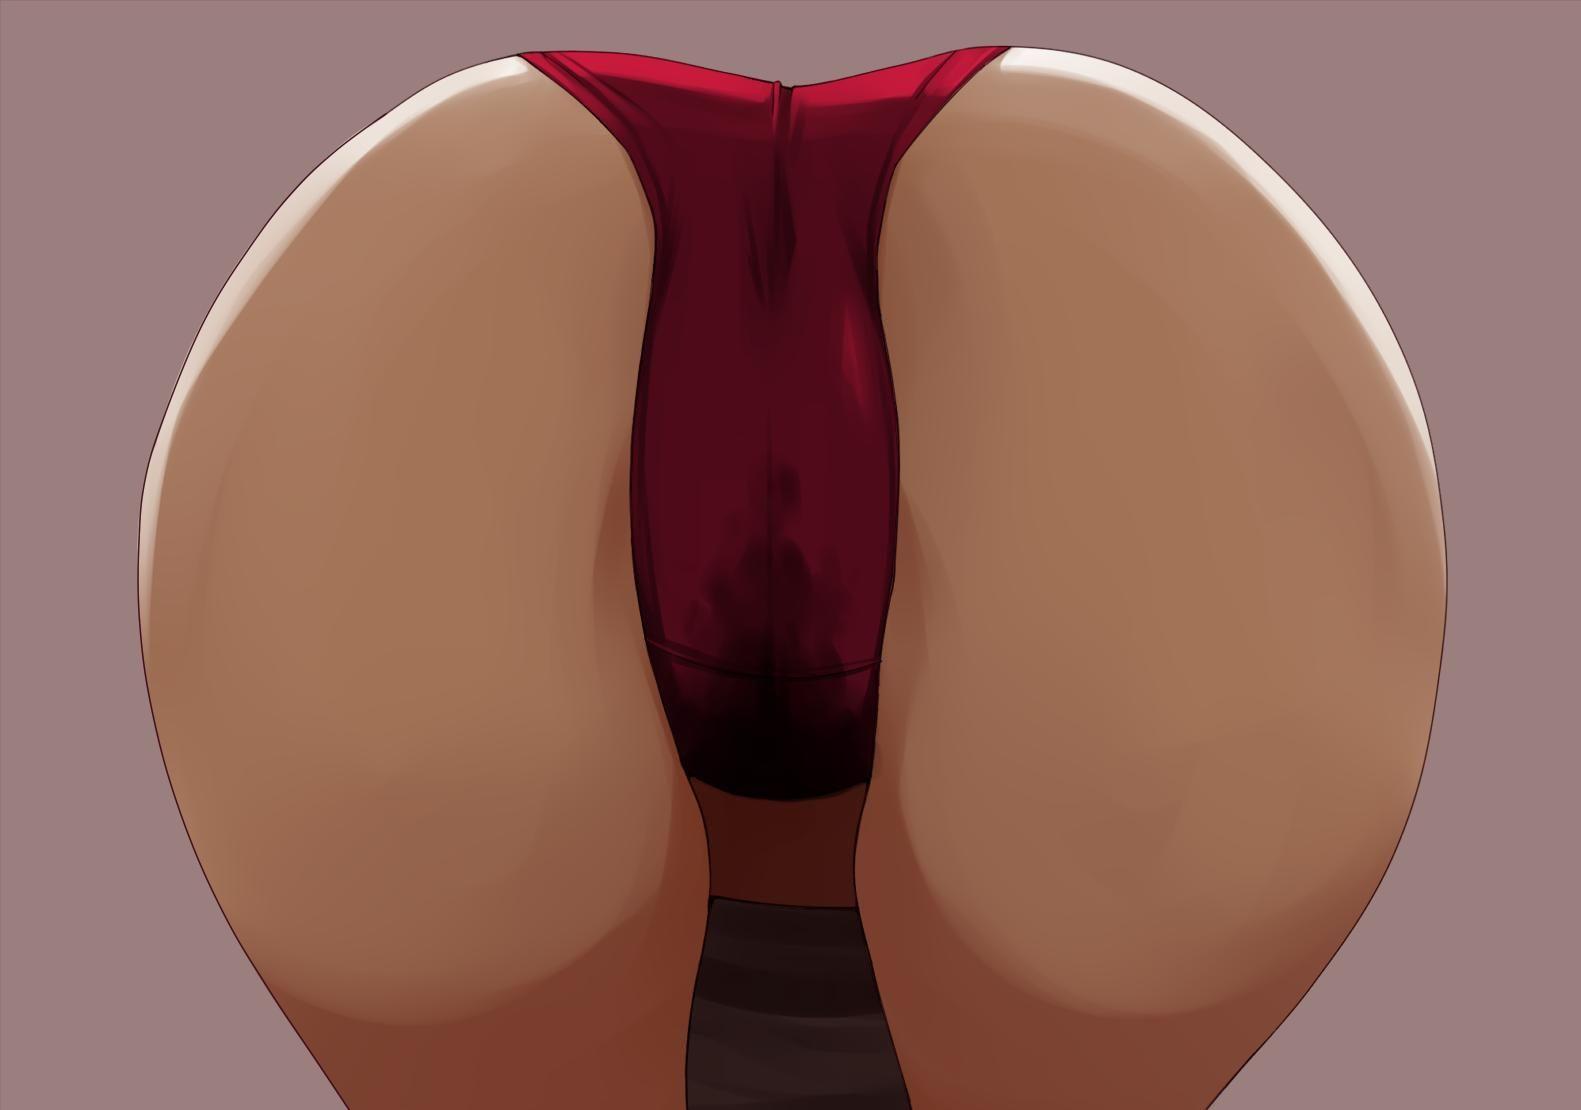 【接写】「俺は尻にしか興味が無い!」って方向け、お尻どアップの二次エロ画像【7】